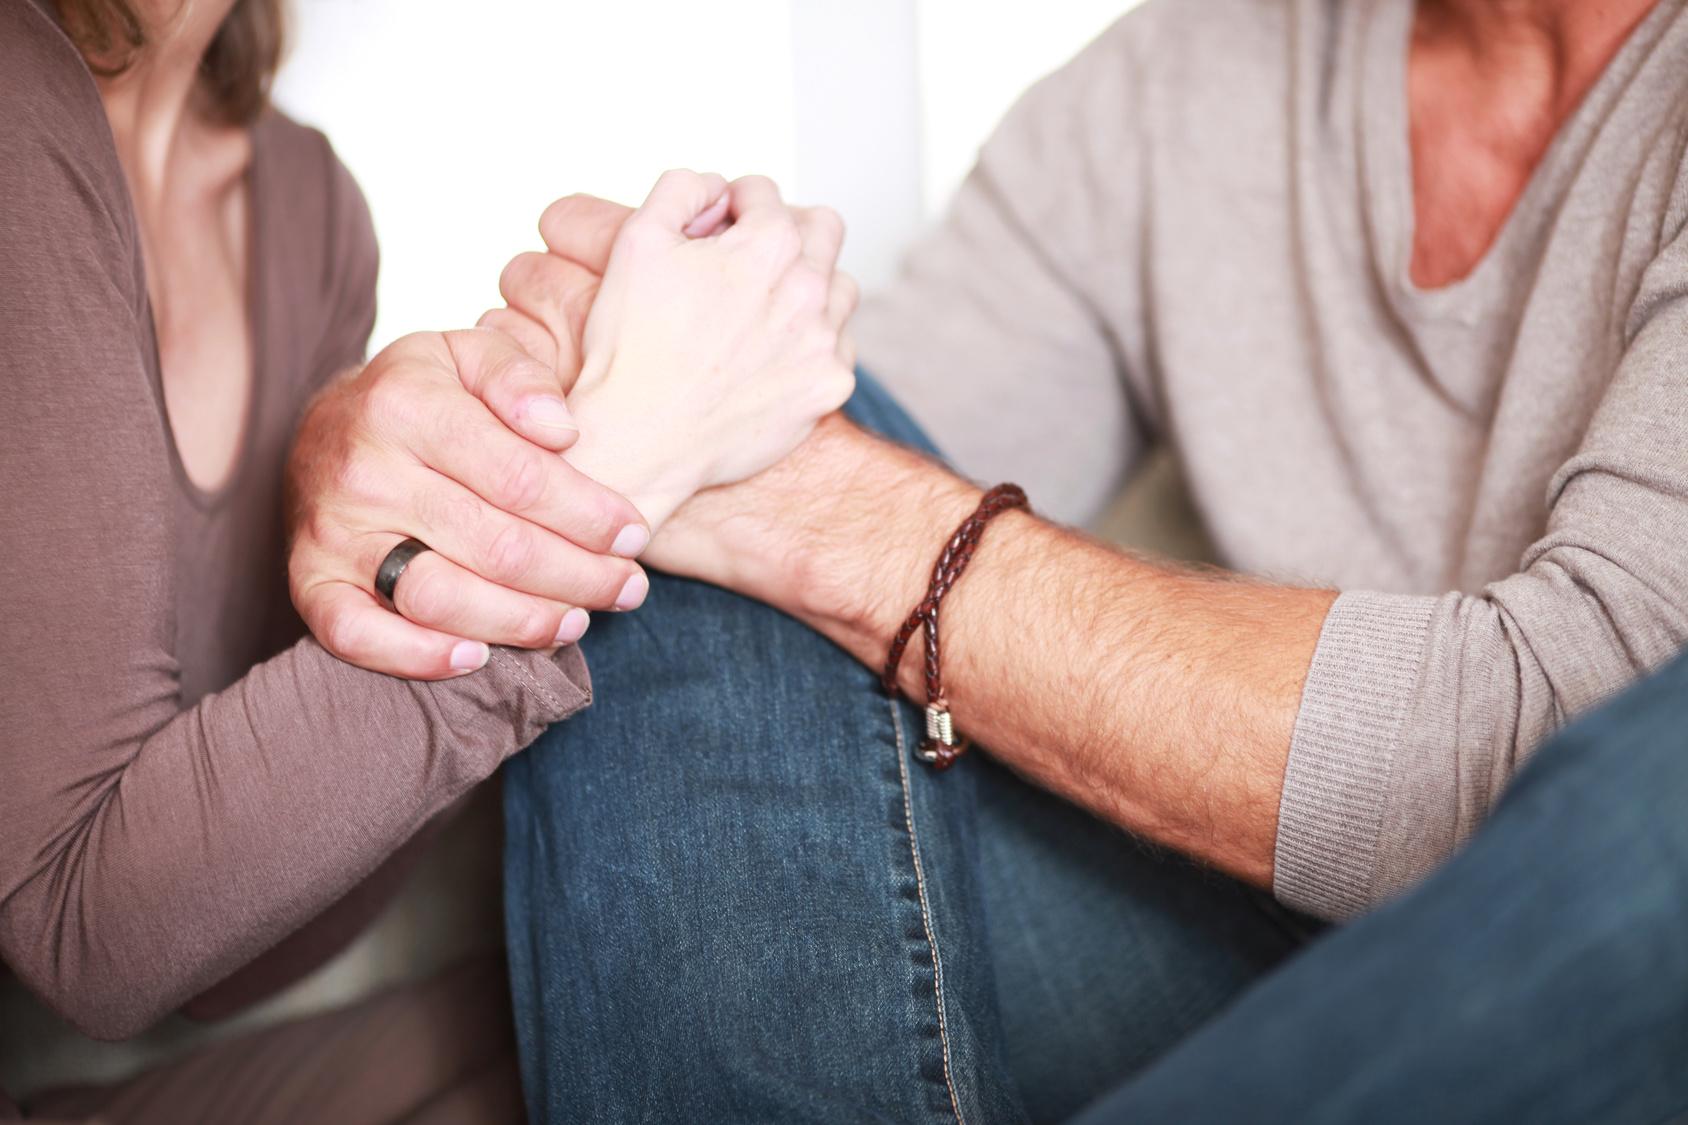 verliebtes Paar hlt die Hand